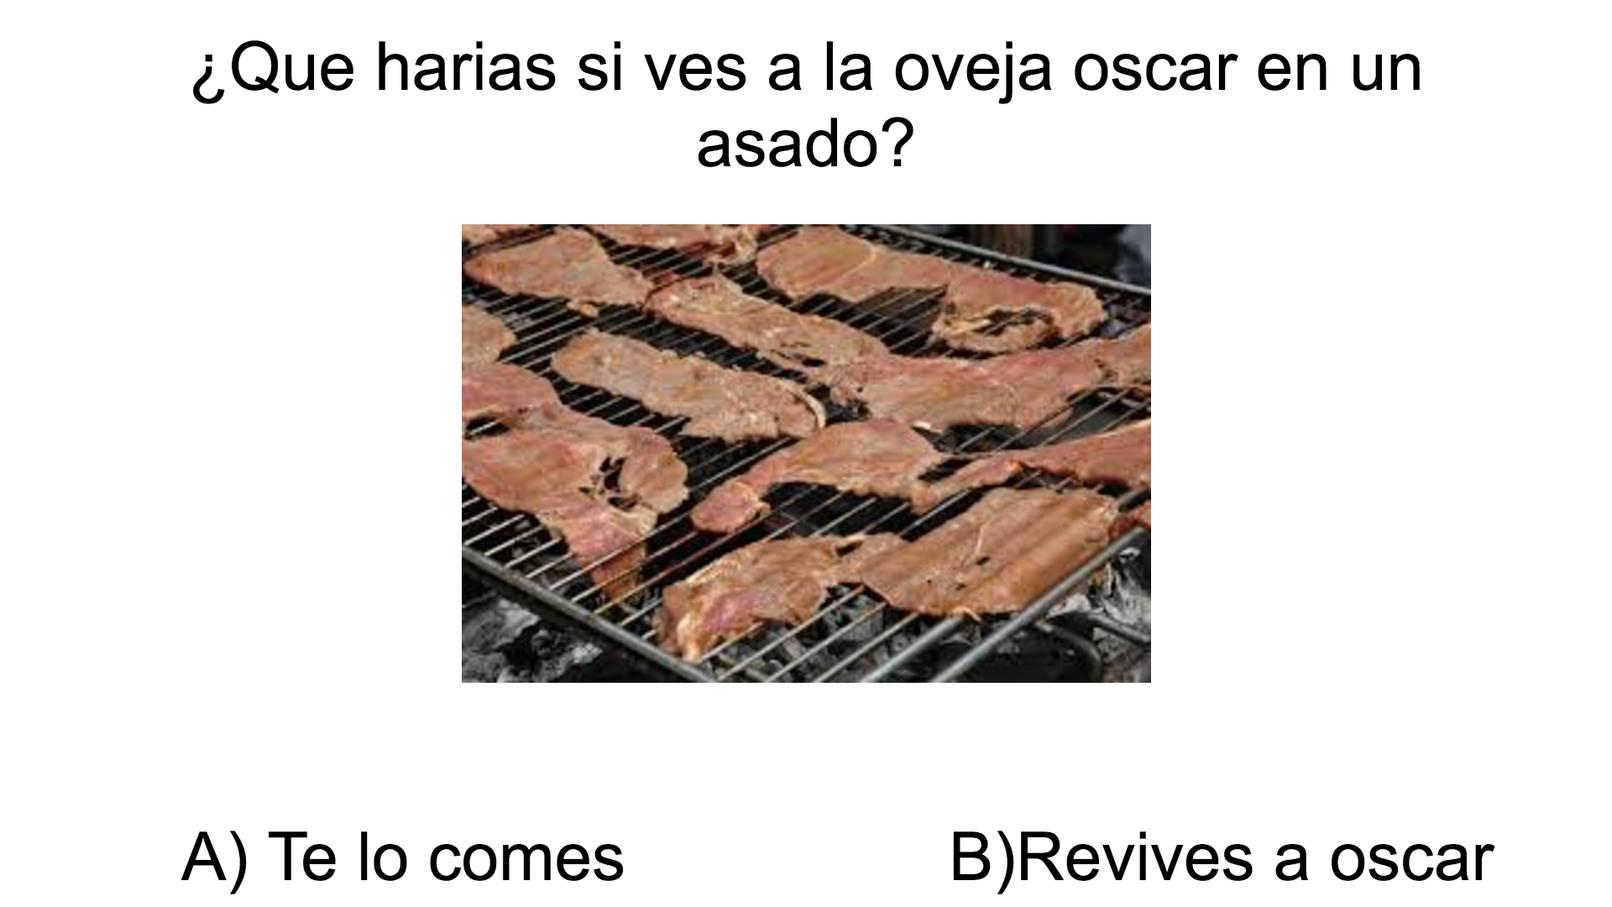 A o B ¿que prefieres? pon tu respuesta en los comentarios - meme